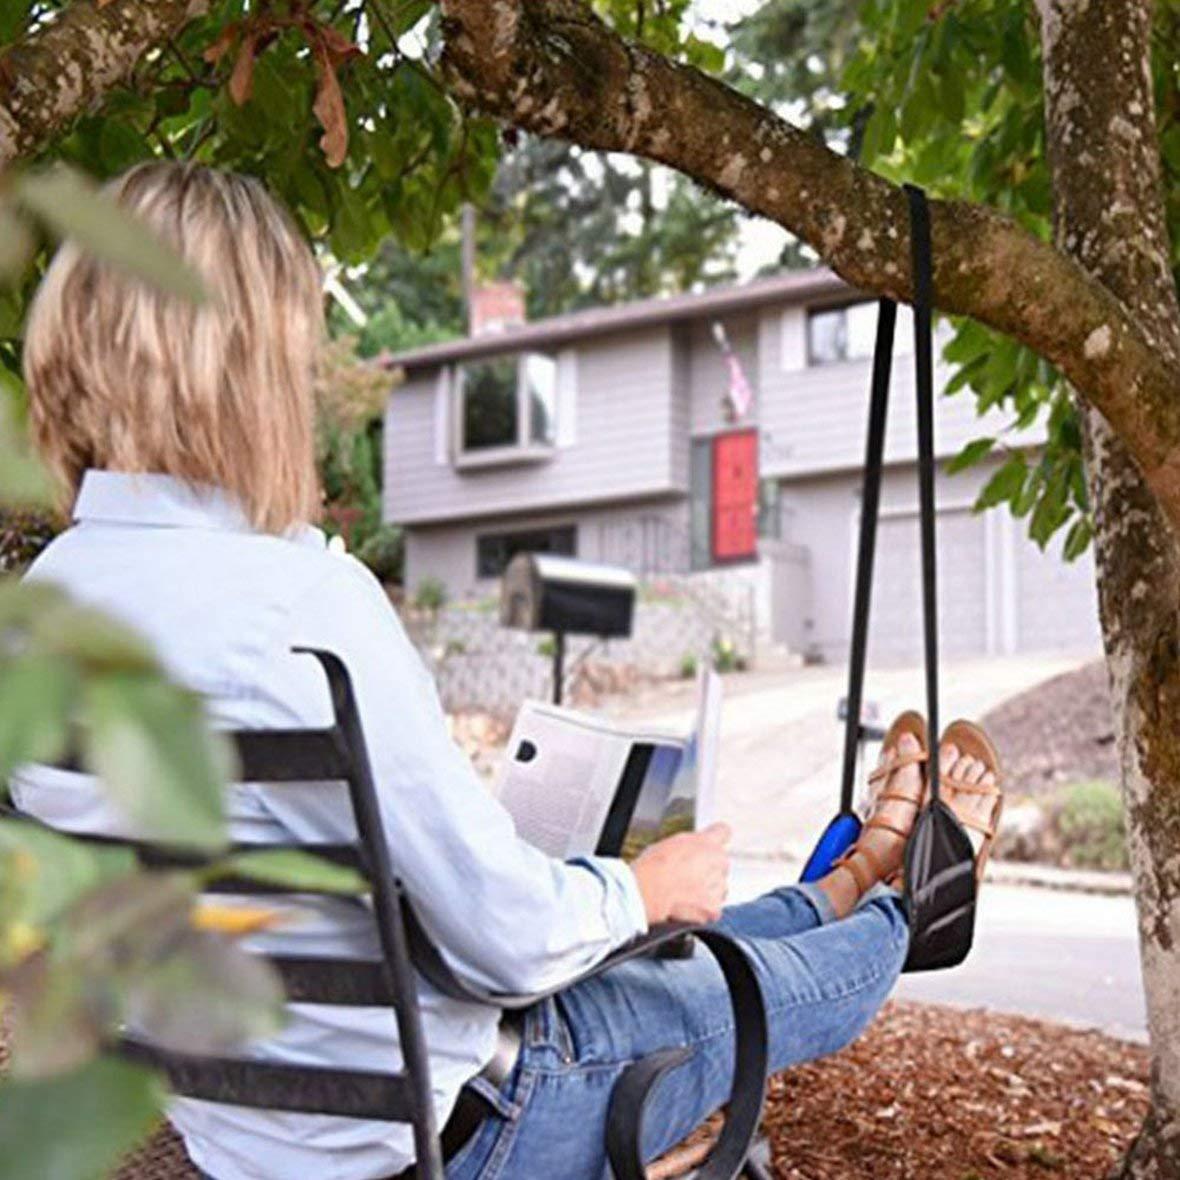 Heaviesk Pieds de Bureau Unisexe Outil de Soin de Chaise de Pied dhamac Le Repos dhamac de Pied de lit ext/érieur Berceau Portable de Bureau hamac Pied Mini de Repos